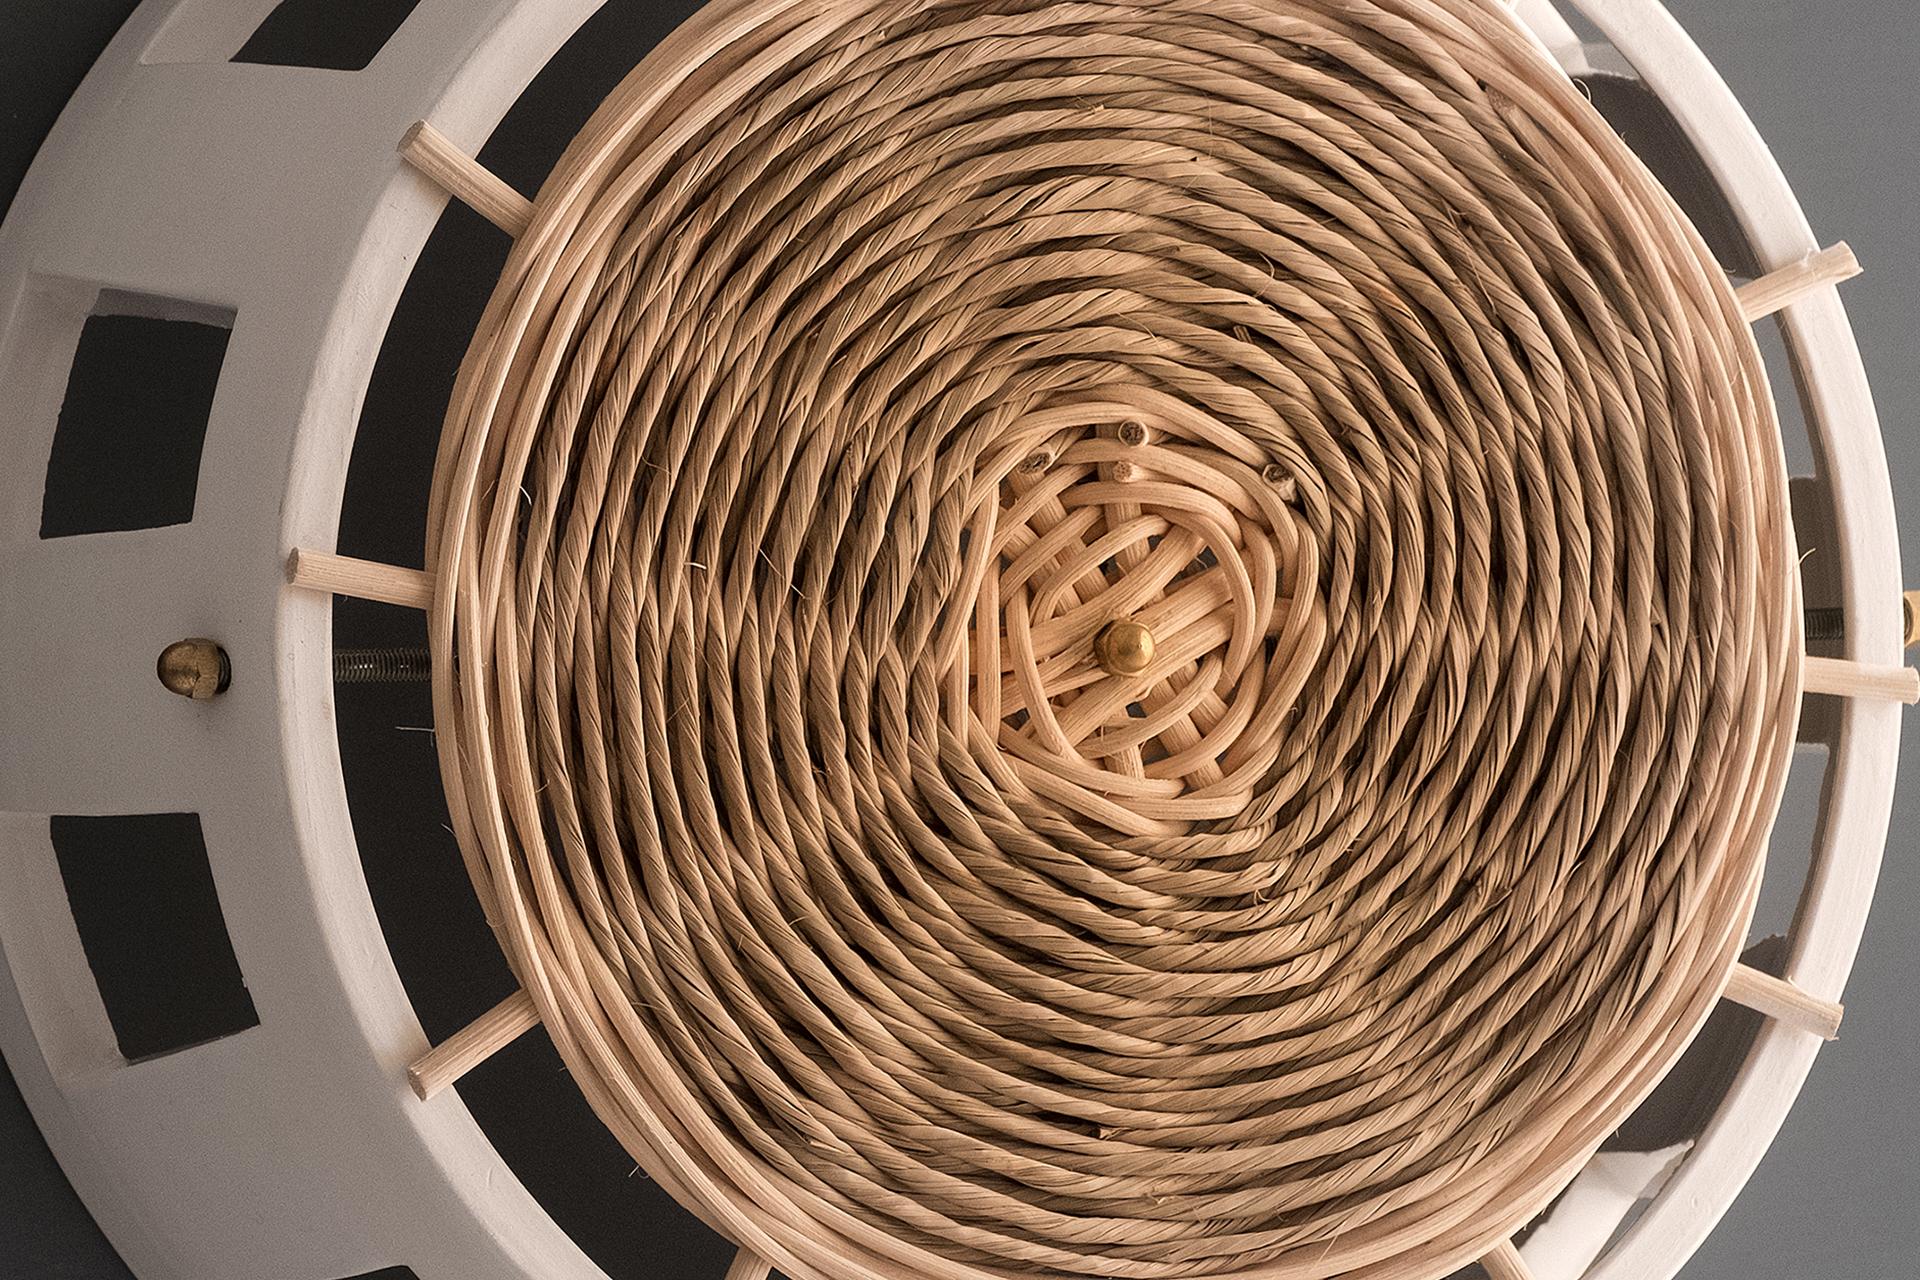 Dettaglio dell'applique da parete Ajour, in ceramica e intrecci di fibra naturale